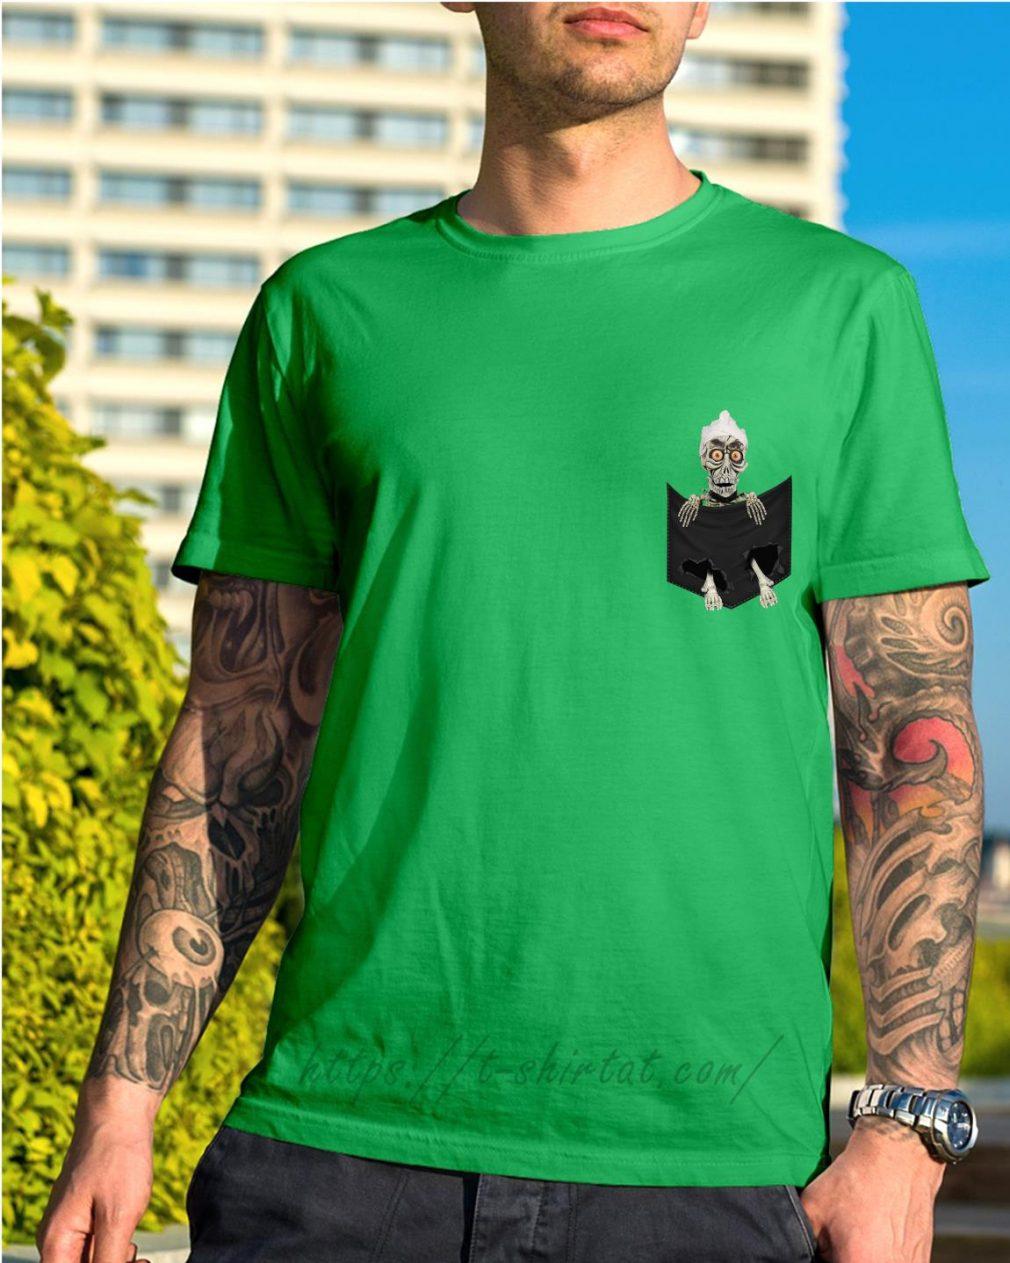 Jack Skellington in a pocket shirt